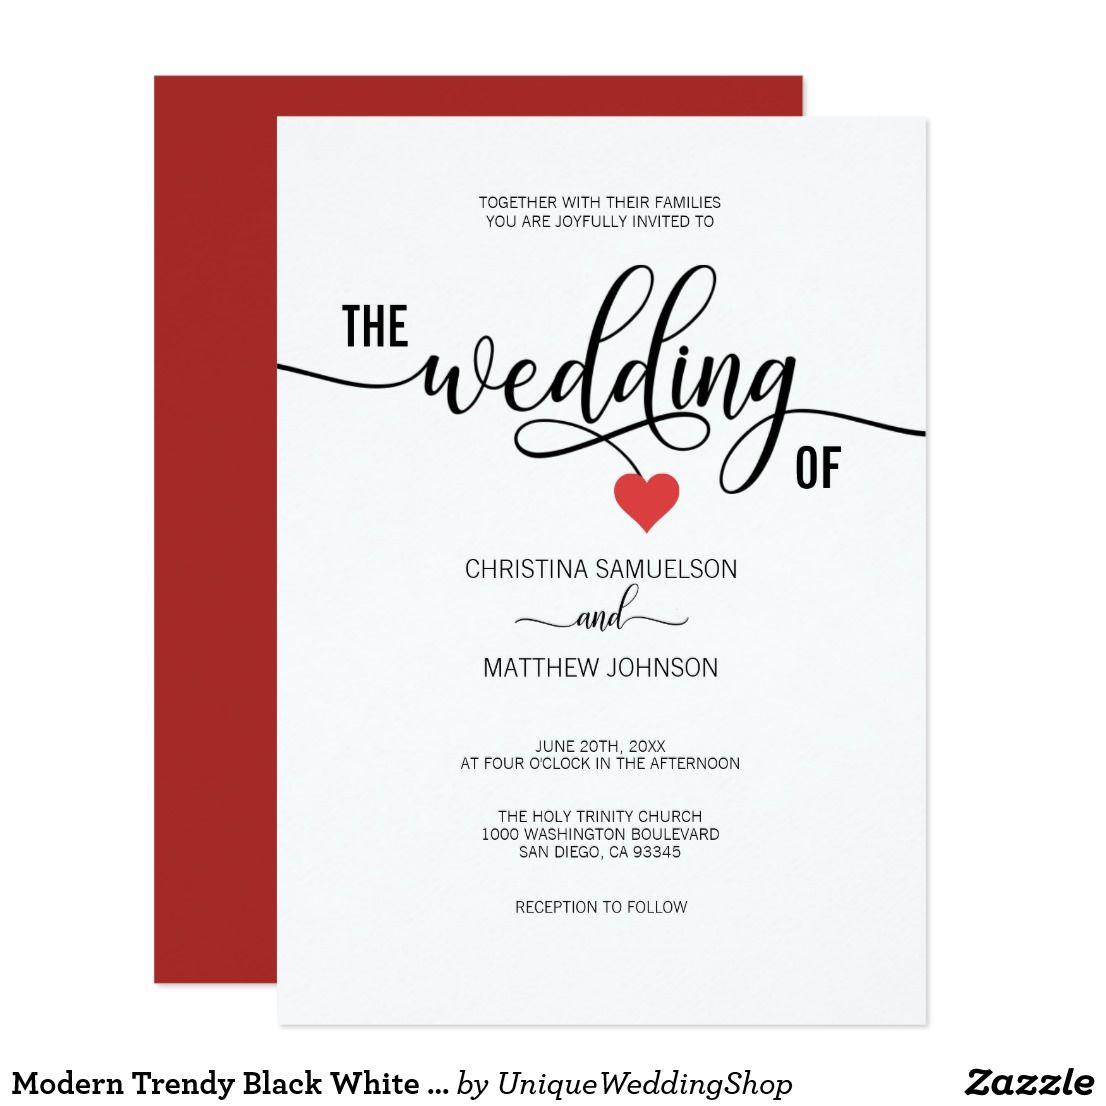 Modern Trendy Black White & Red Heart Wedding Card | Valentine\'s Day ...